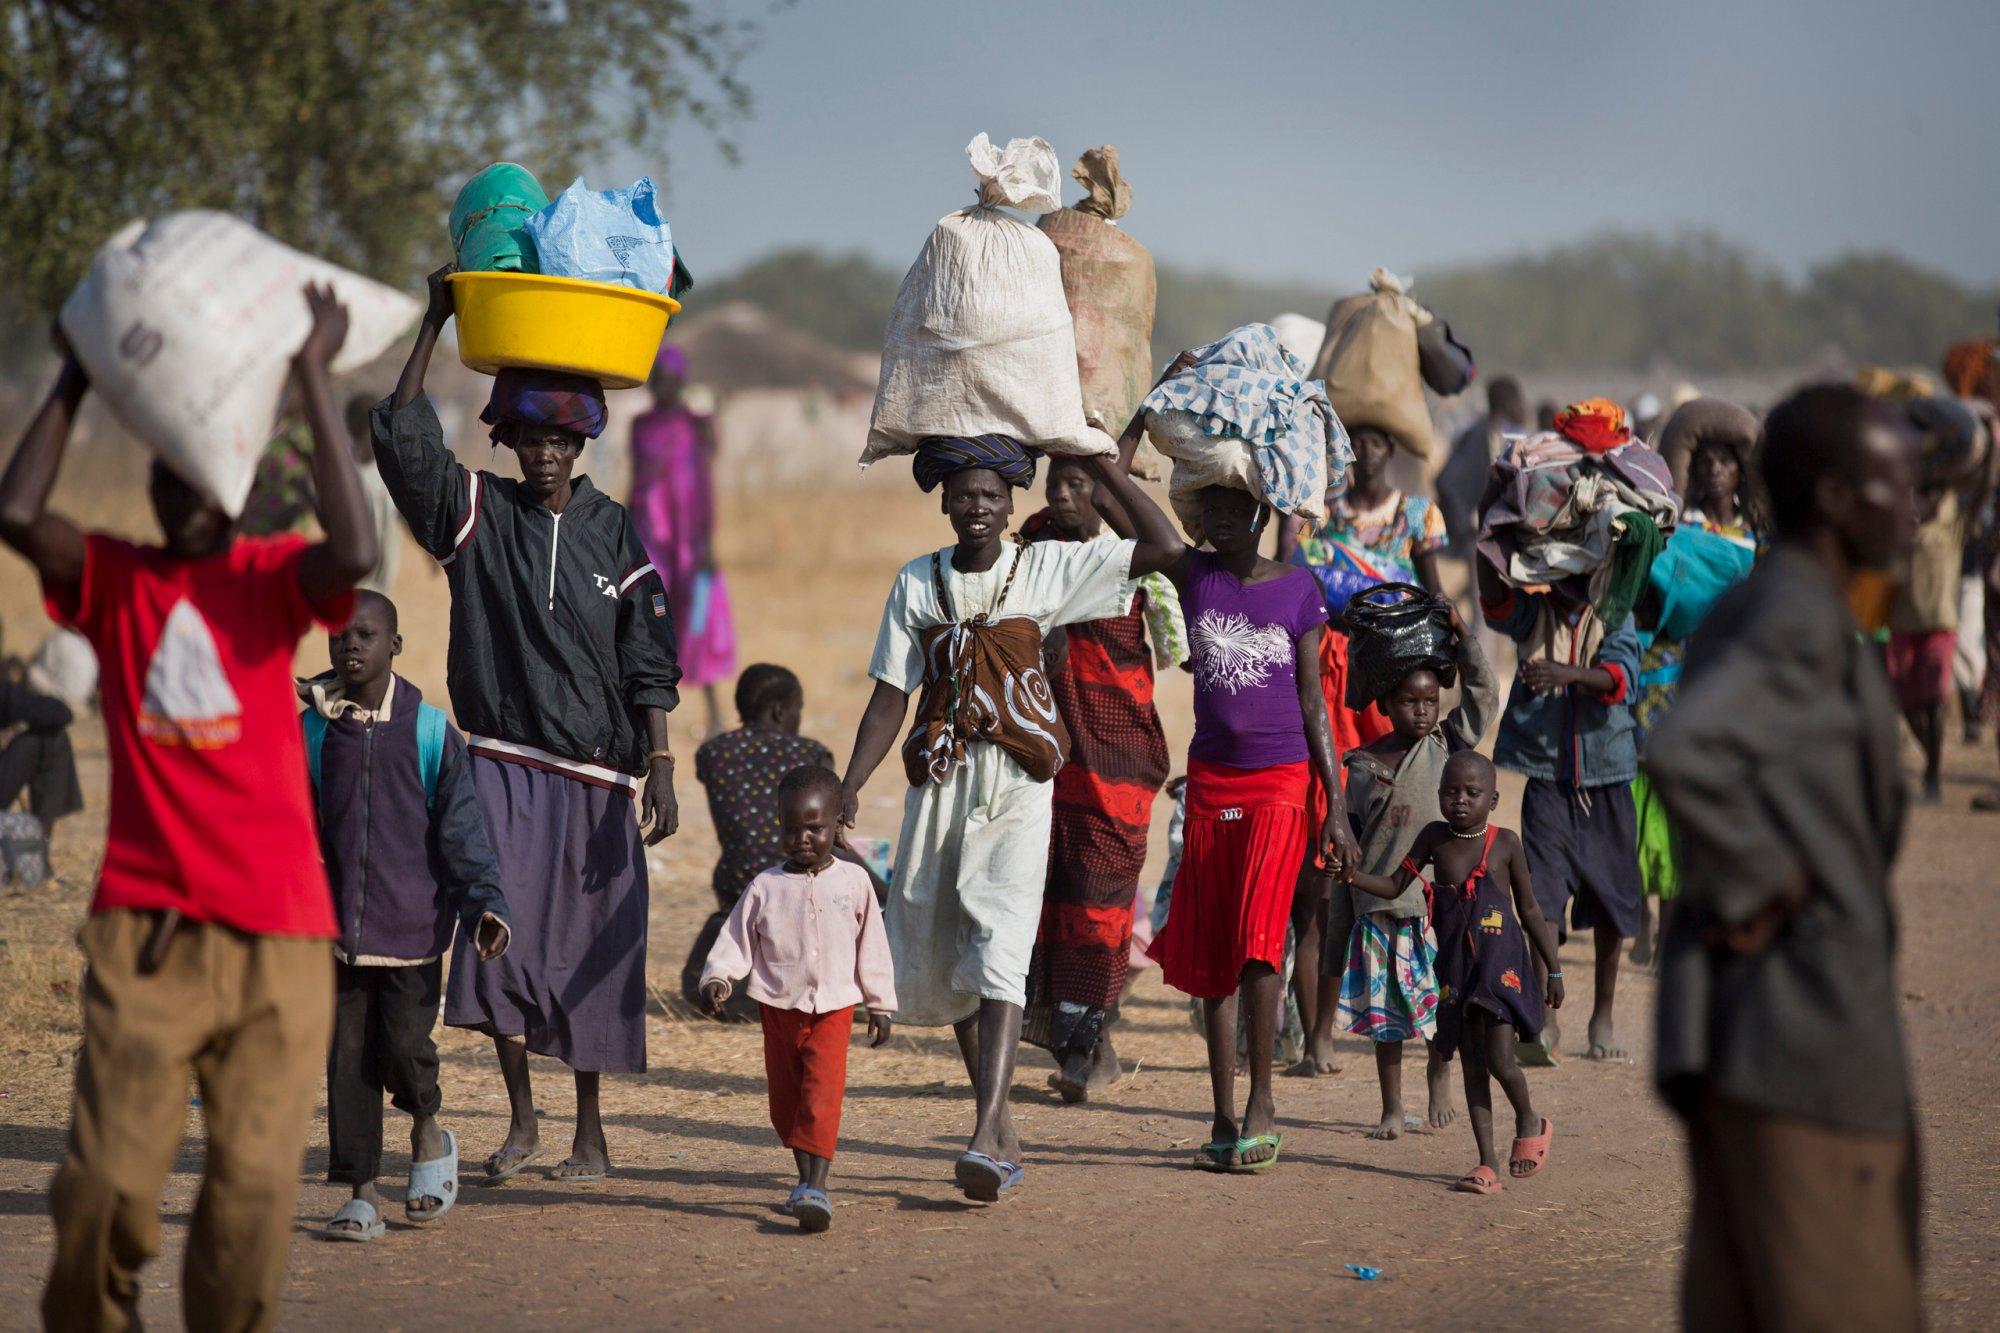 یونیسف: چاد به کمکهای بشردوستانه نیاز دارد